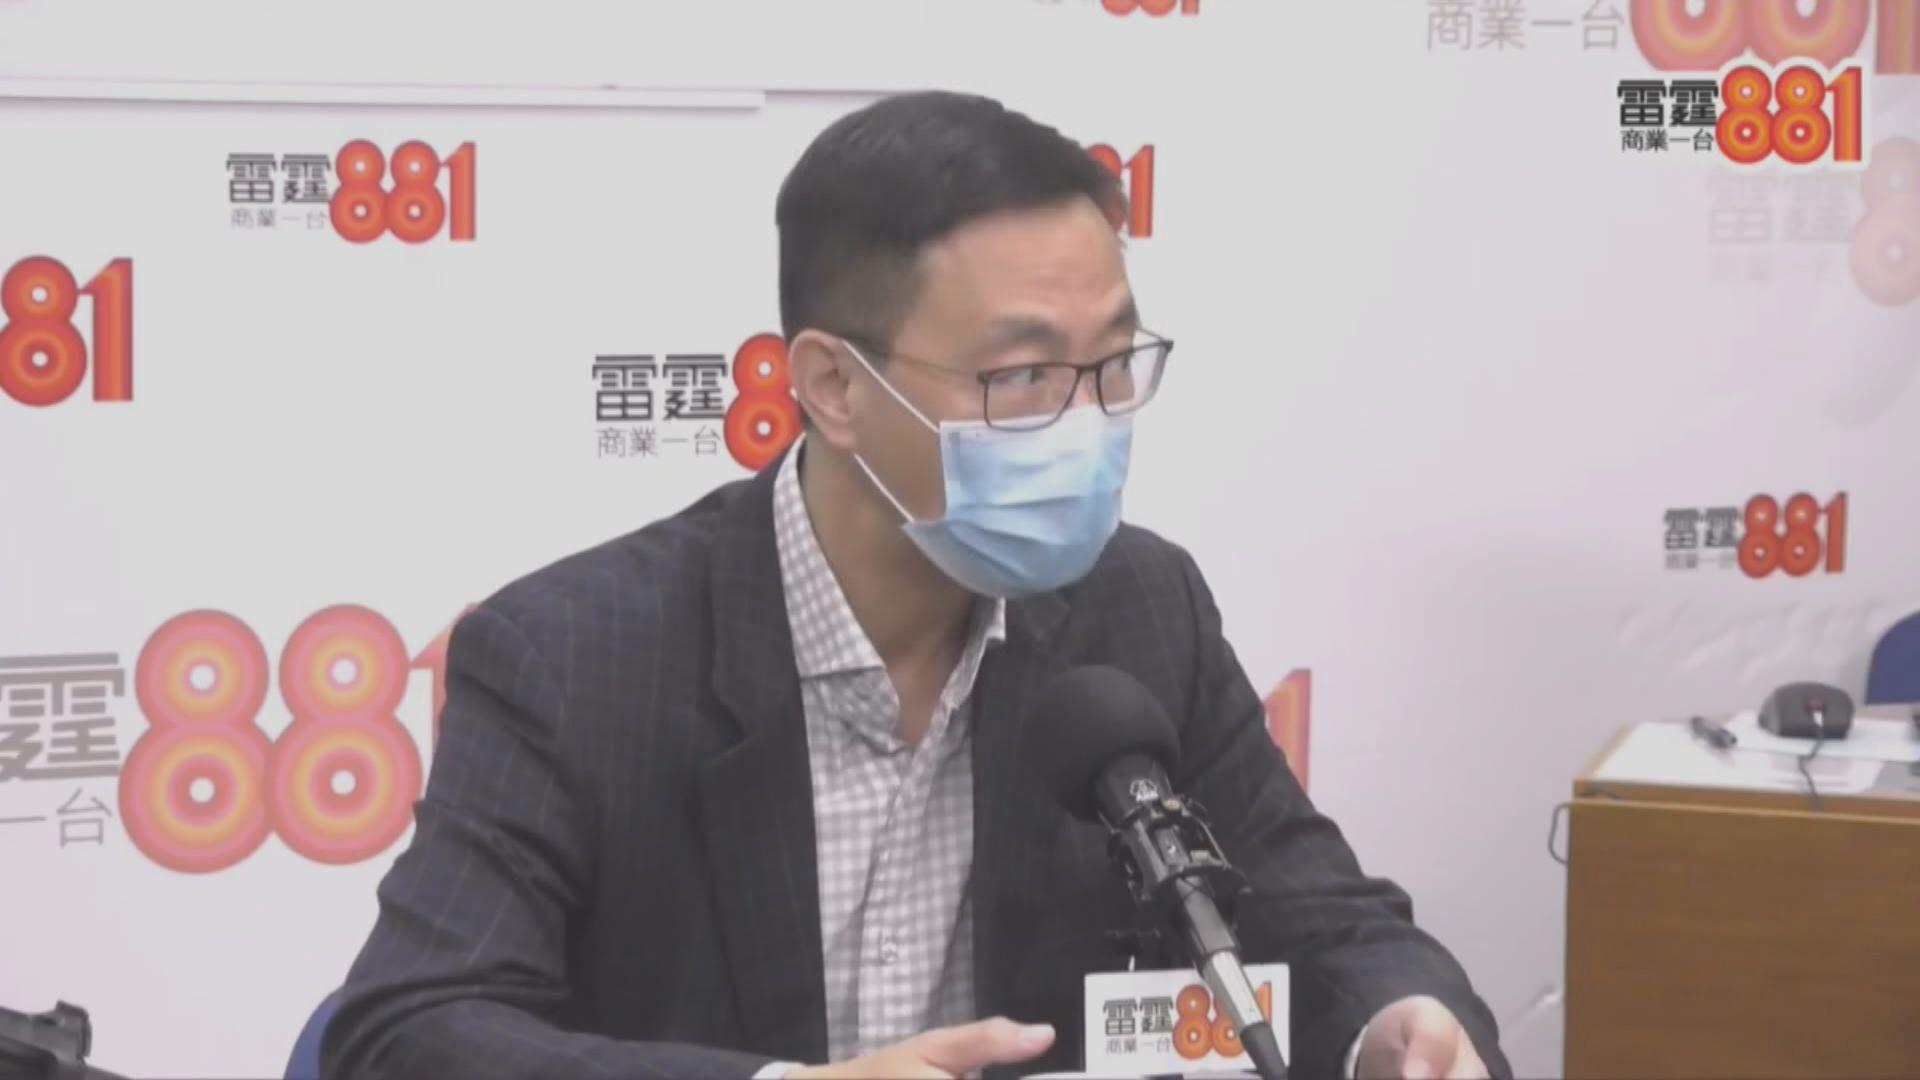 楊潤雄:美國制裁香港官員是強加罪名、極不合理